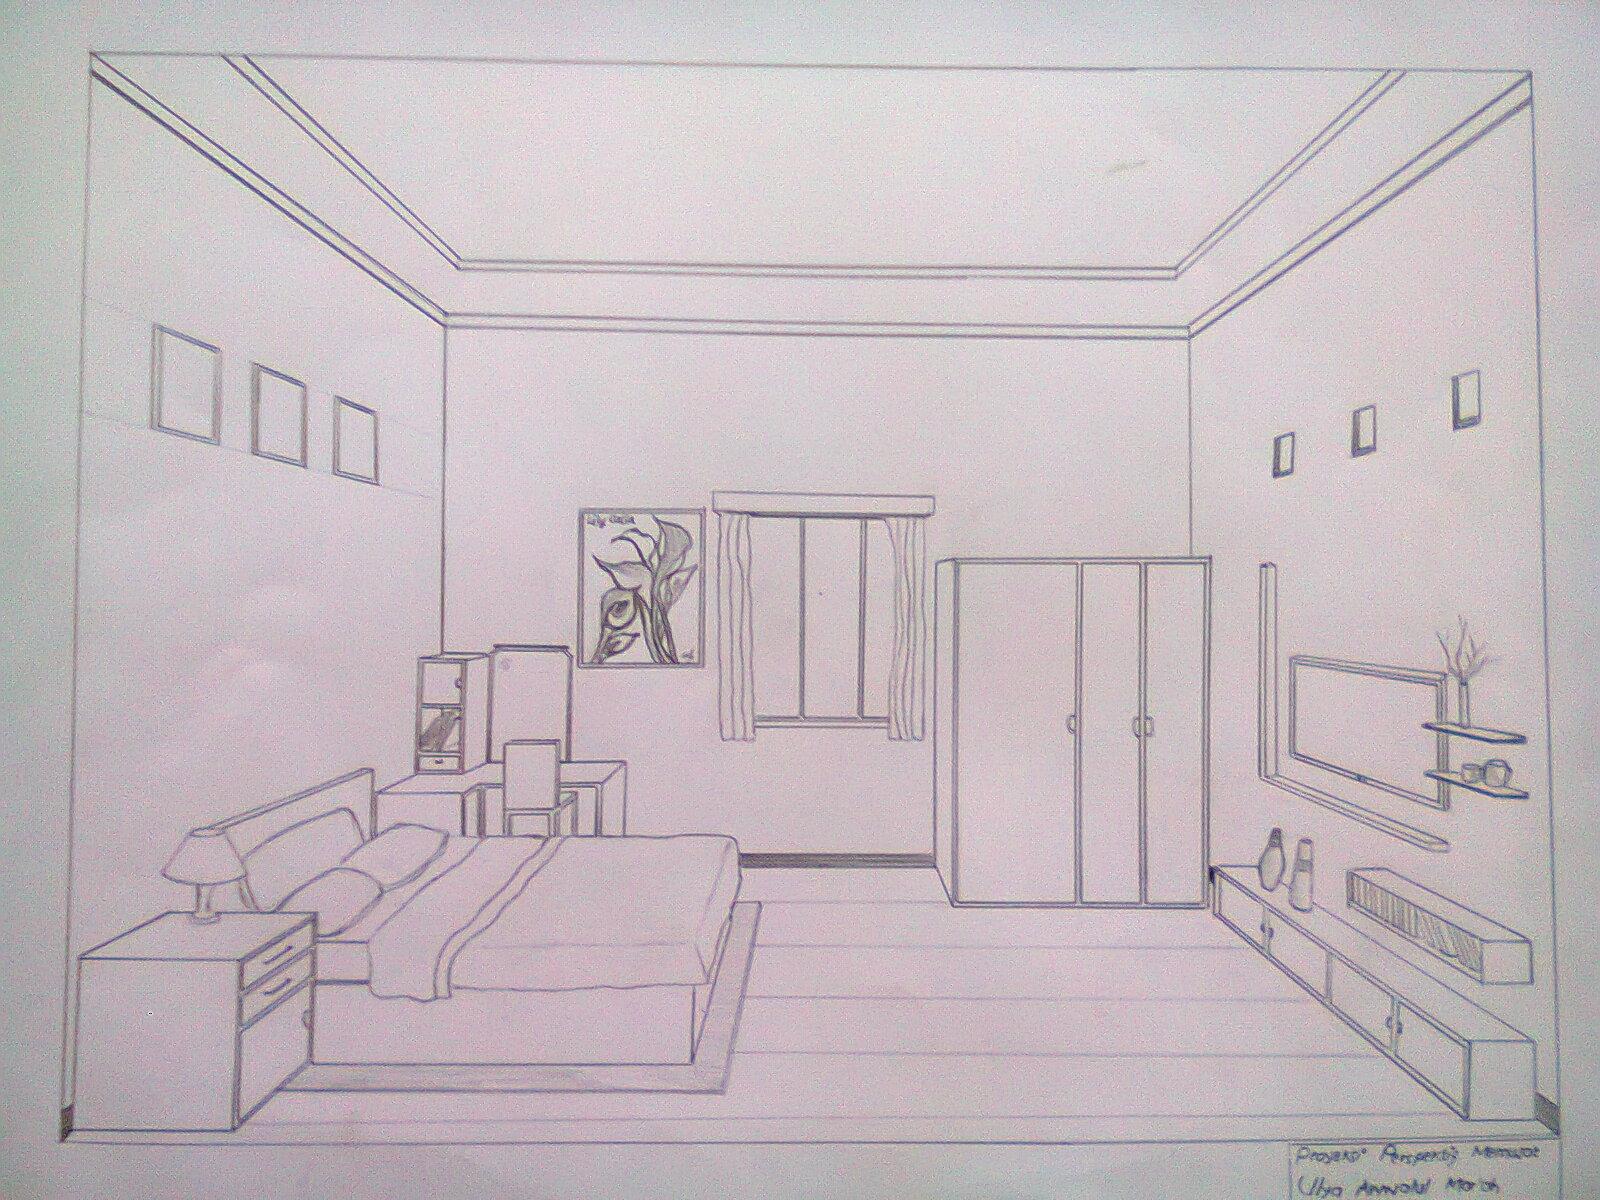 Desain Interior Dapur Satu Titik Lenyap Gambar Desain Rumah Minimalis